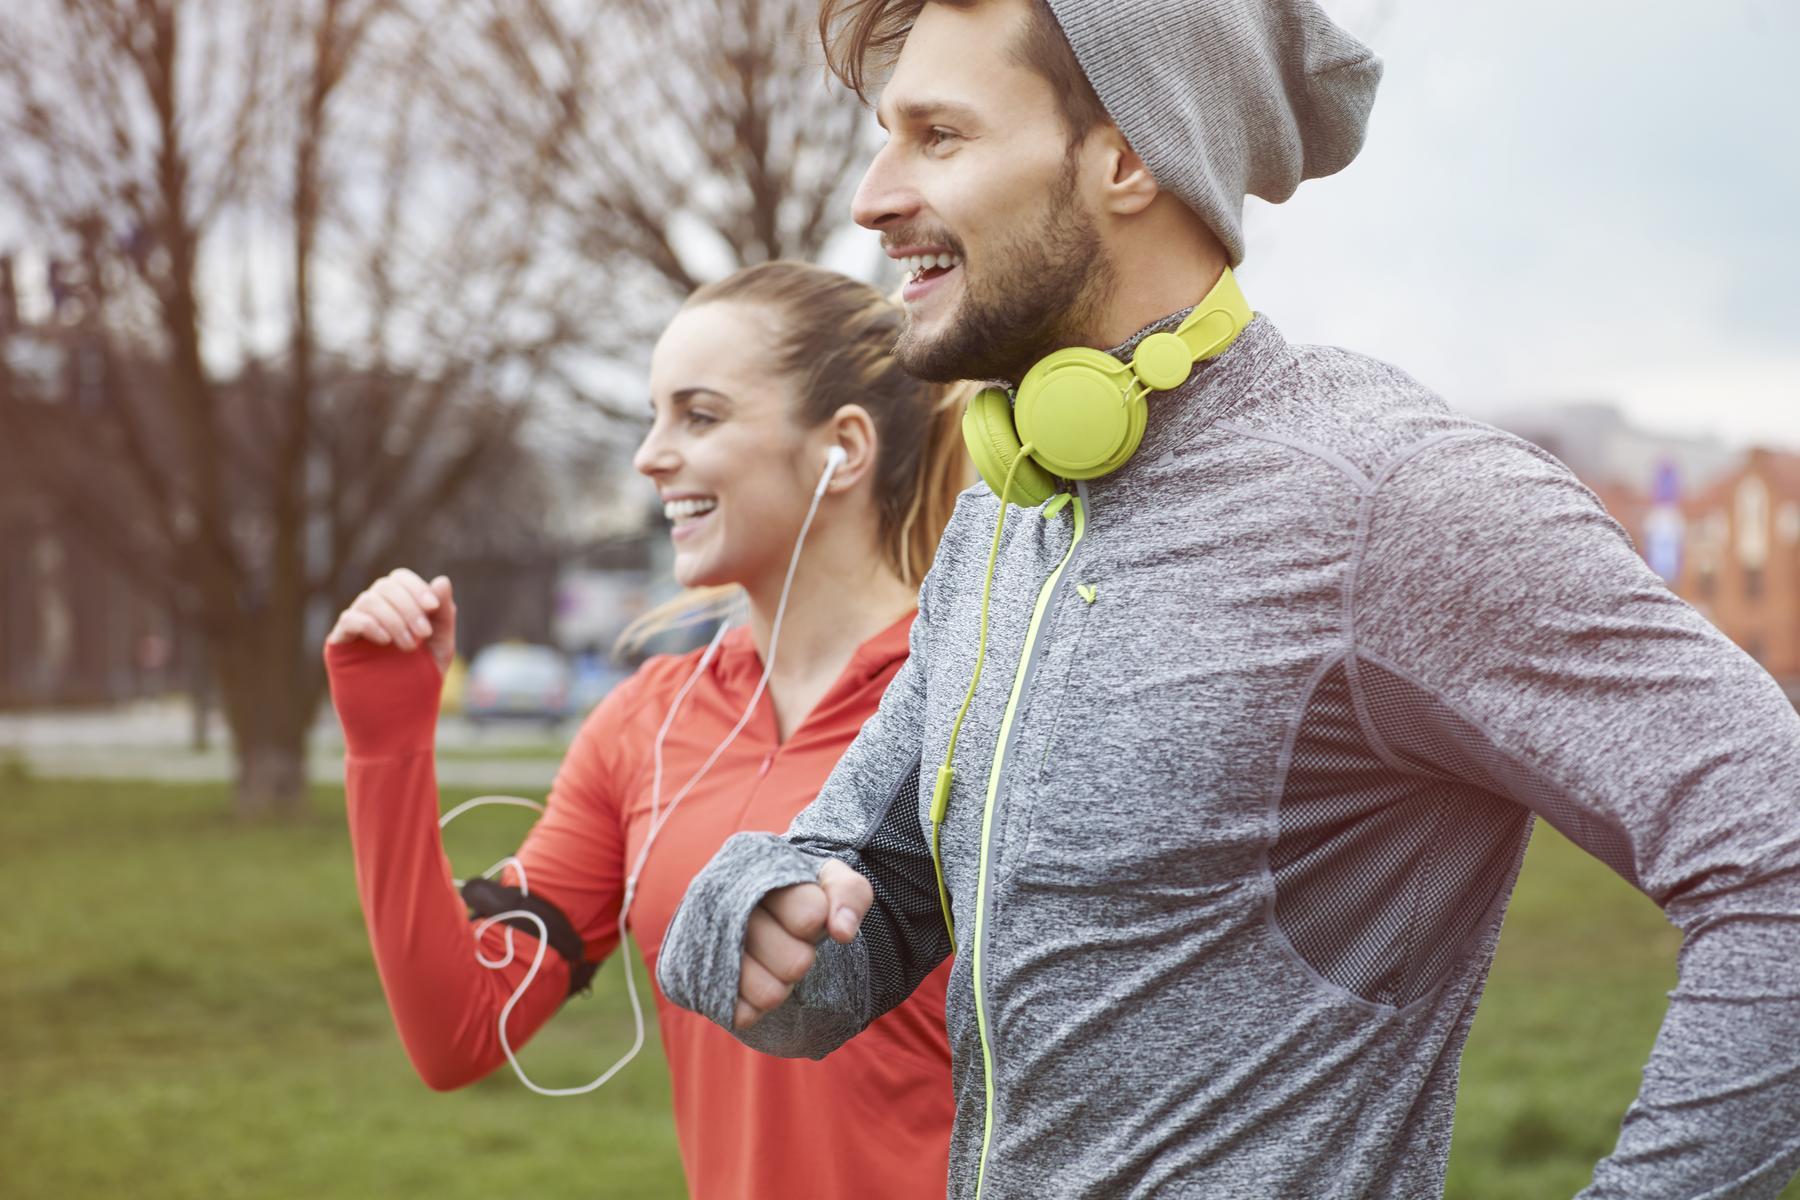 Běháním proti úzkosti | Co potřebujete vědět